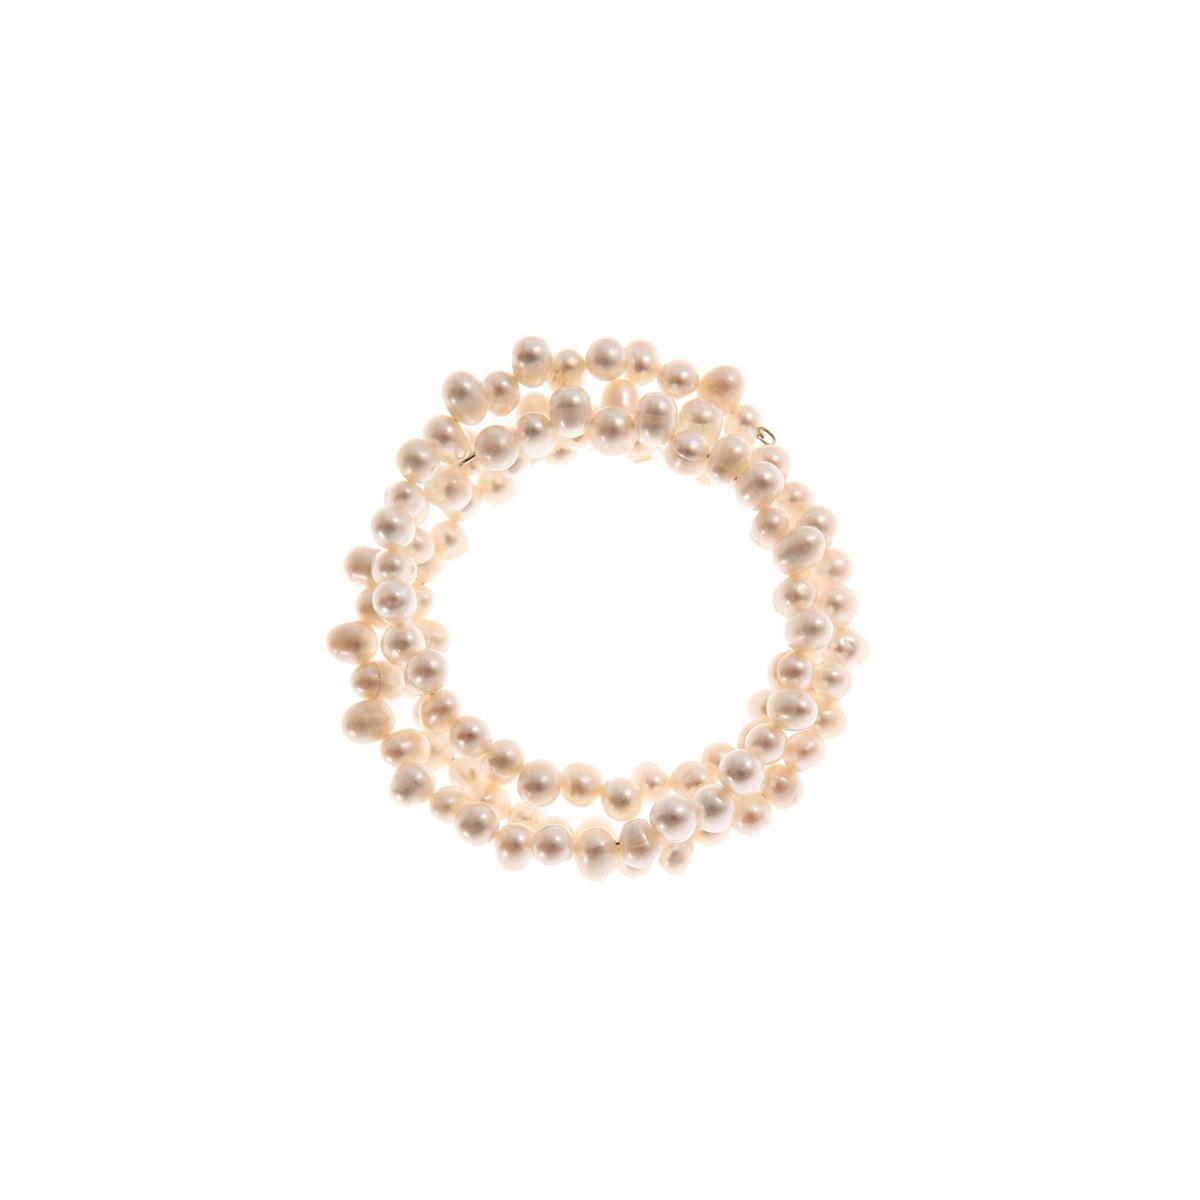 merveilleux bracelet argent 925 et perle de culture blanche 451rbfrxx mes bijoux fr. Black Bedroom Furniture Sets. Home Design Ideas